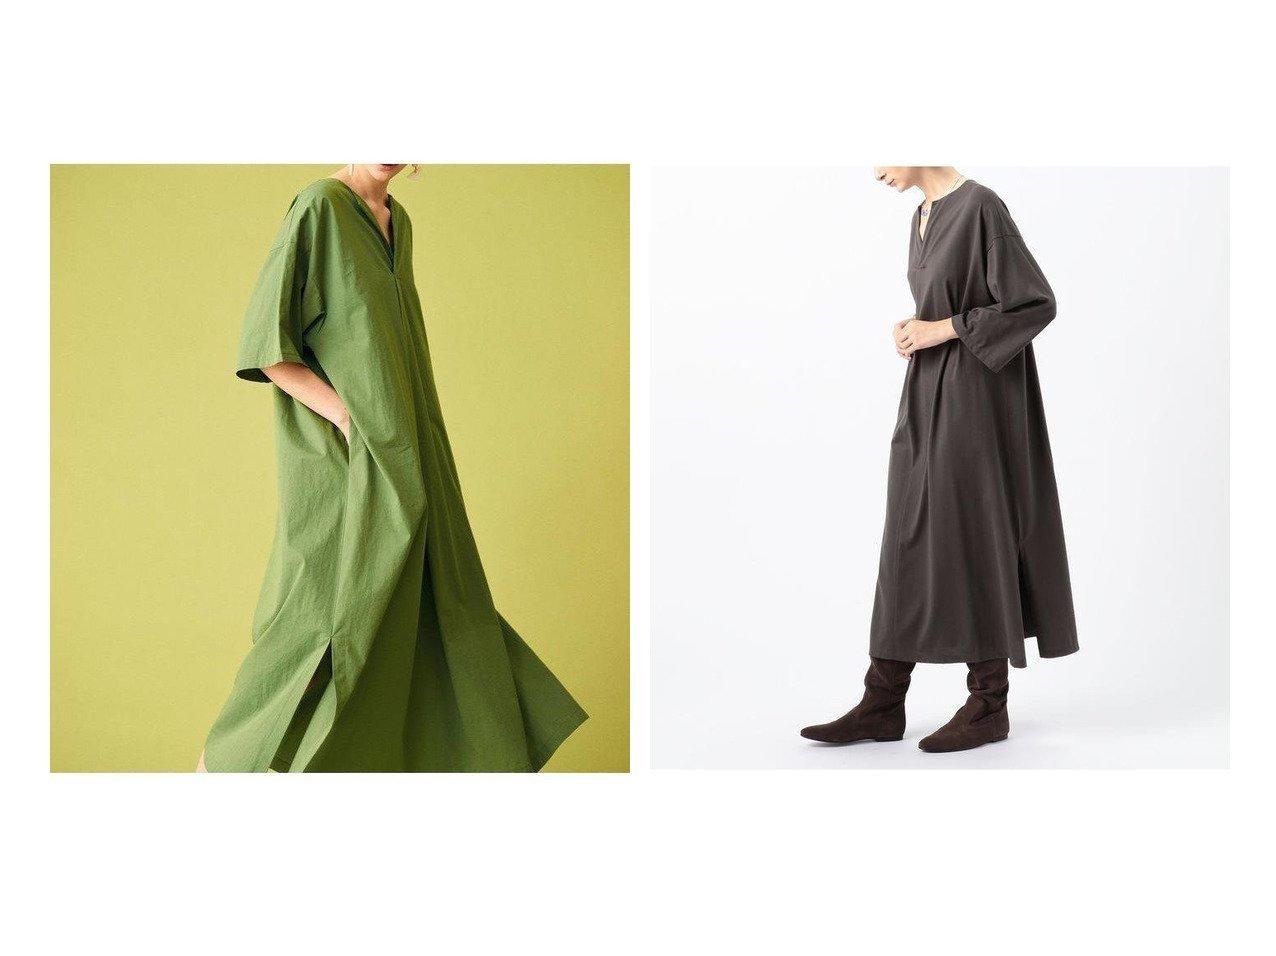 【GALERIE VIE / TOMORROWLAND/ギャルリー ヴィー】のコットン カフタンワンピース&ファインコットン カフタンロングワンピース ワンピース・ドレスのおすすめ!人気、トレンド・レディースファッションの通販  おすすめで人気の流行・トレンド、ファッションの通販商品 メンズファッション・キッズファッション・インテリア・家具・レディースファッション・服の通販 founy(ファニー) https://founy.com/ ファッション Fashion レディースファッション WOMEN ワンピース Dress 2020年 2020 2020-2021 秋冬 A/W AW Autumn/Winter / FW Fall-Winter 2020-2021 A/W 秋冬 AW Autumn/Winter / FW Fall-Winter おすすめ Recommend ジャージー スリット スリーブ ワイド |ID:crp329100000024381